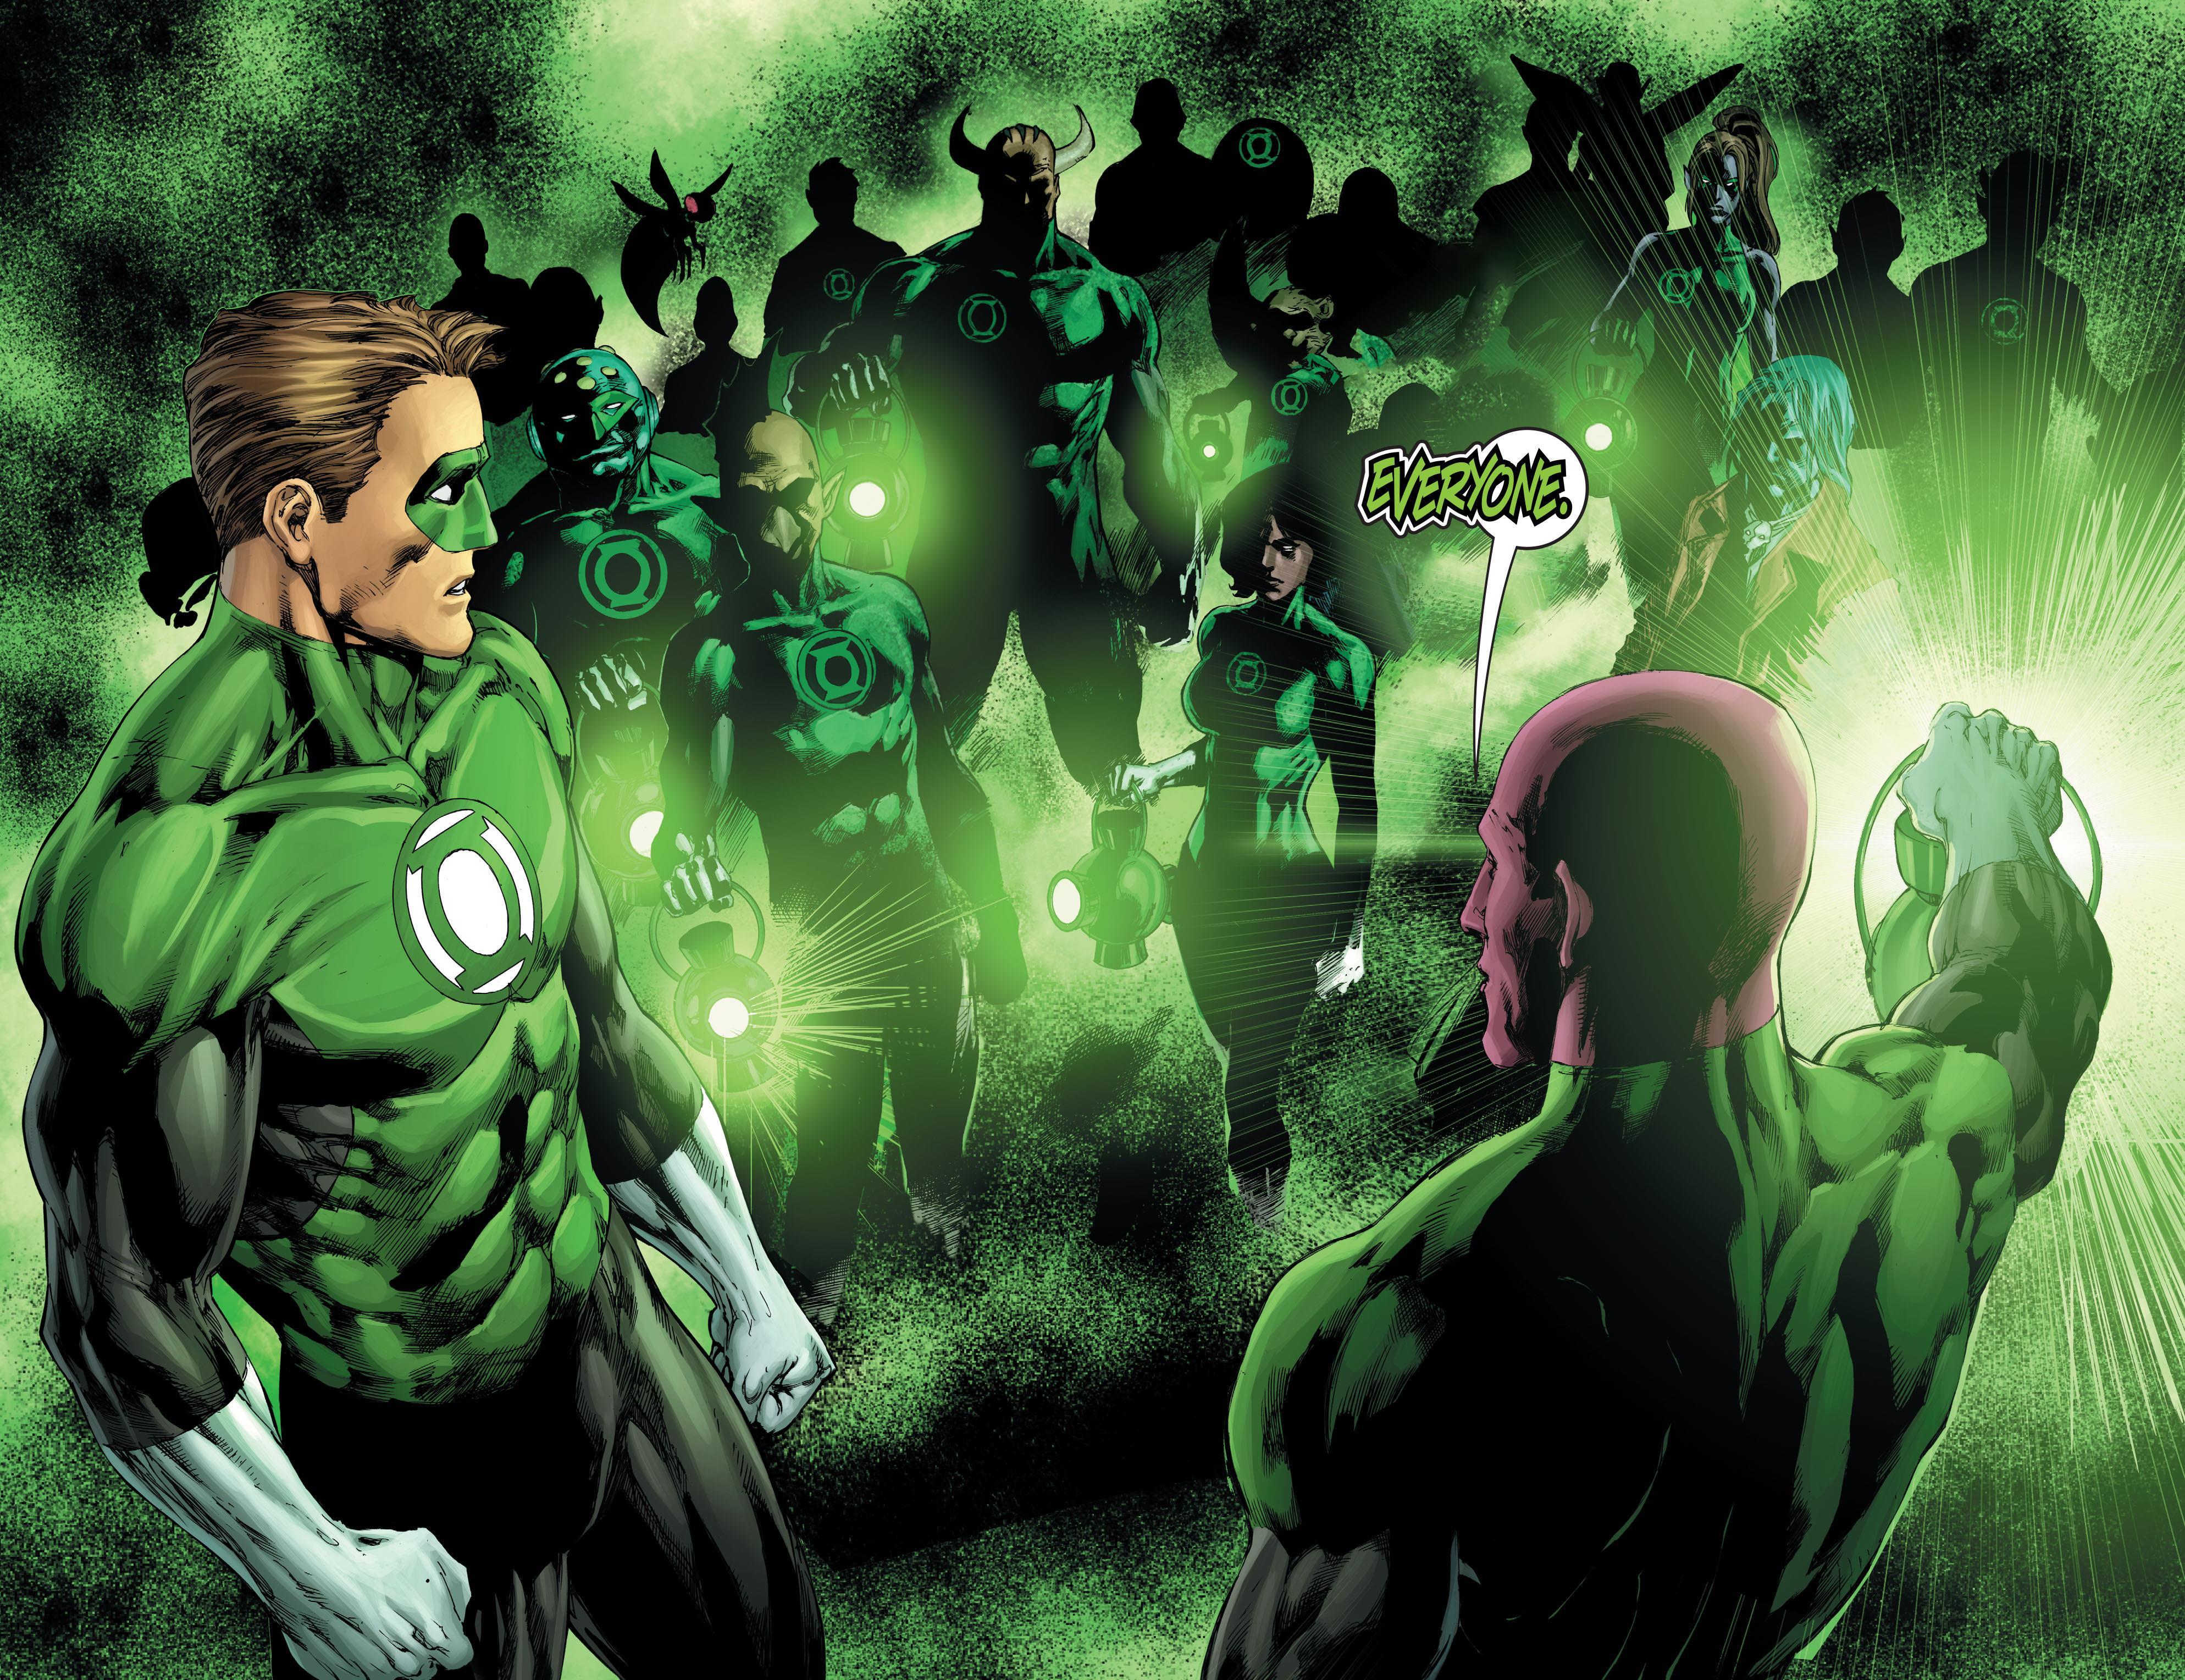 Green Lantern Wallpaper   Page 2 of 3   WallpaperHDwiki 3975x3056